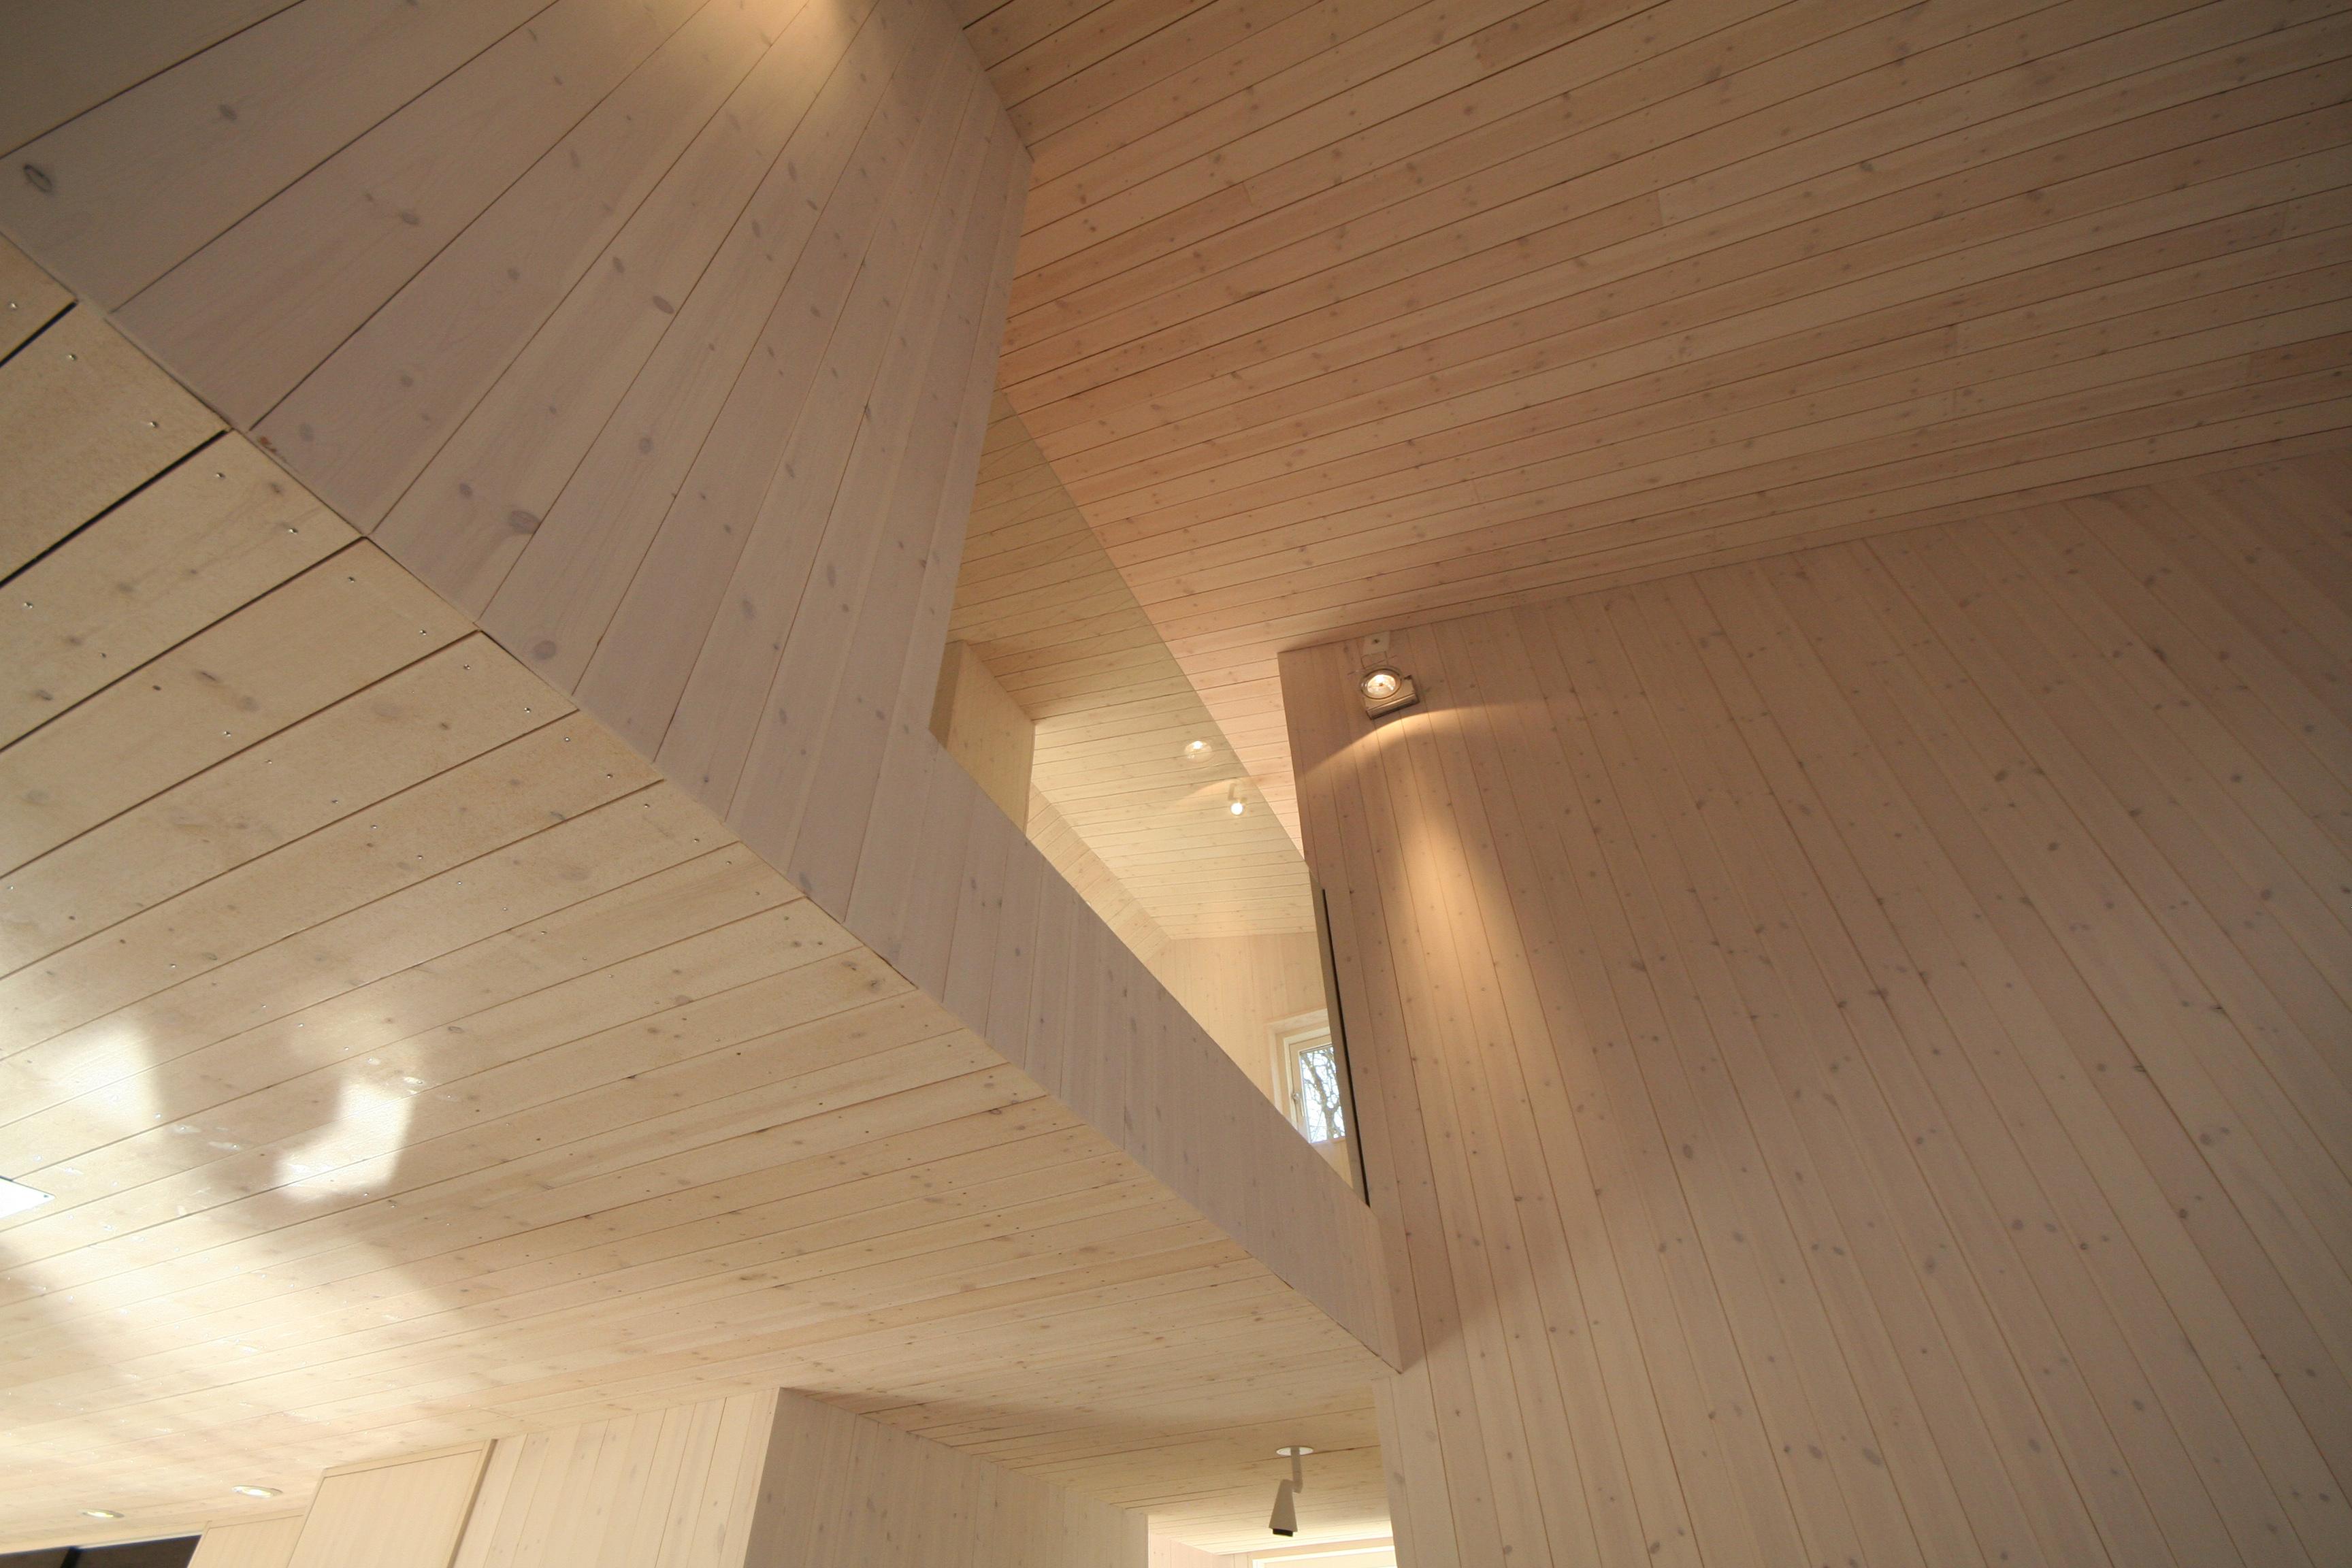 anlita-arkitekt-aha-arkitekter-bollebygd3